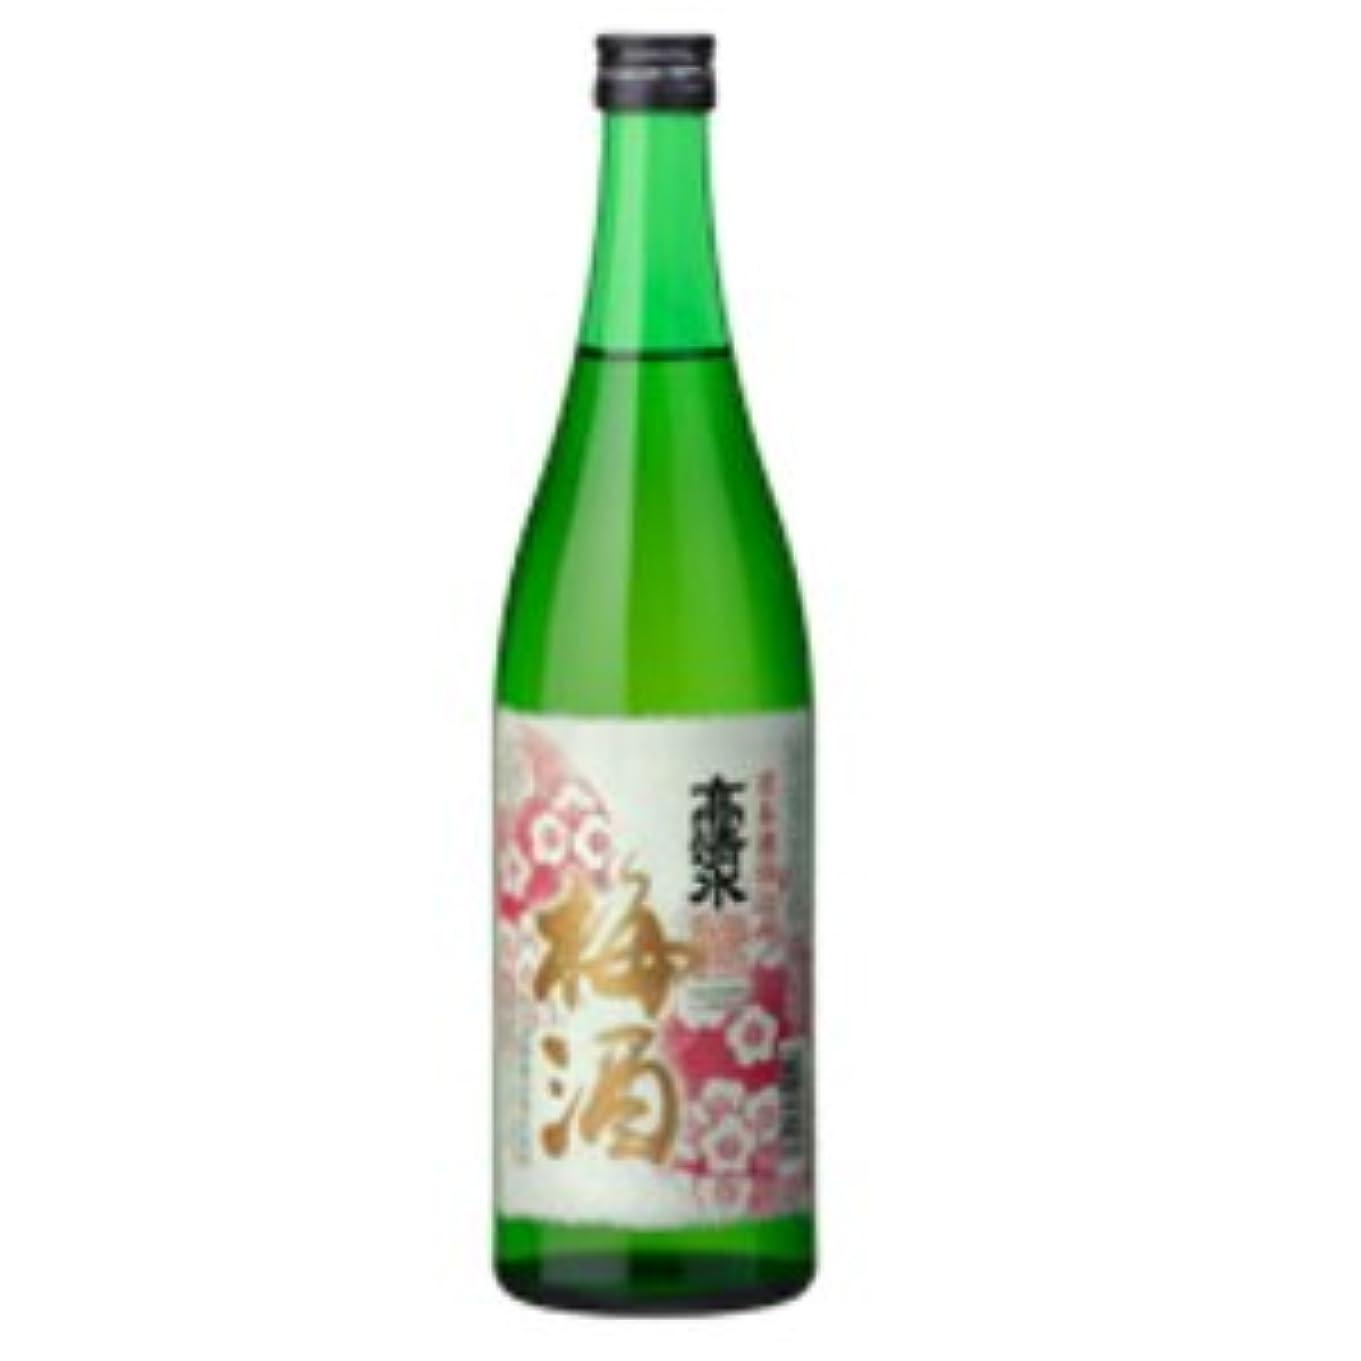 フラッシュのように素早く参加するカウンタ秋田酒類製造 梅酒 日本酒仕込み [ 720ml ]